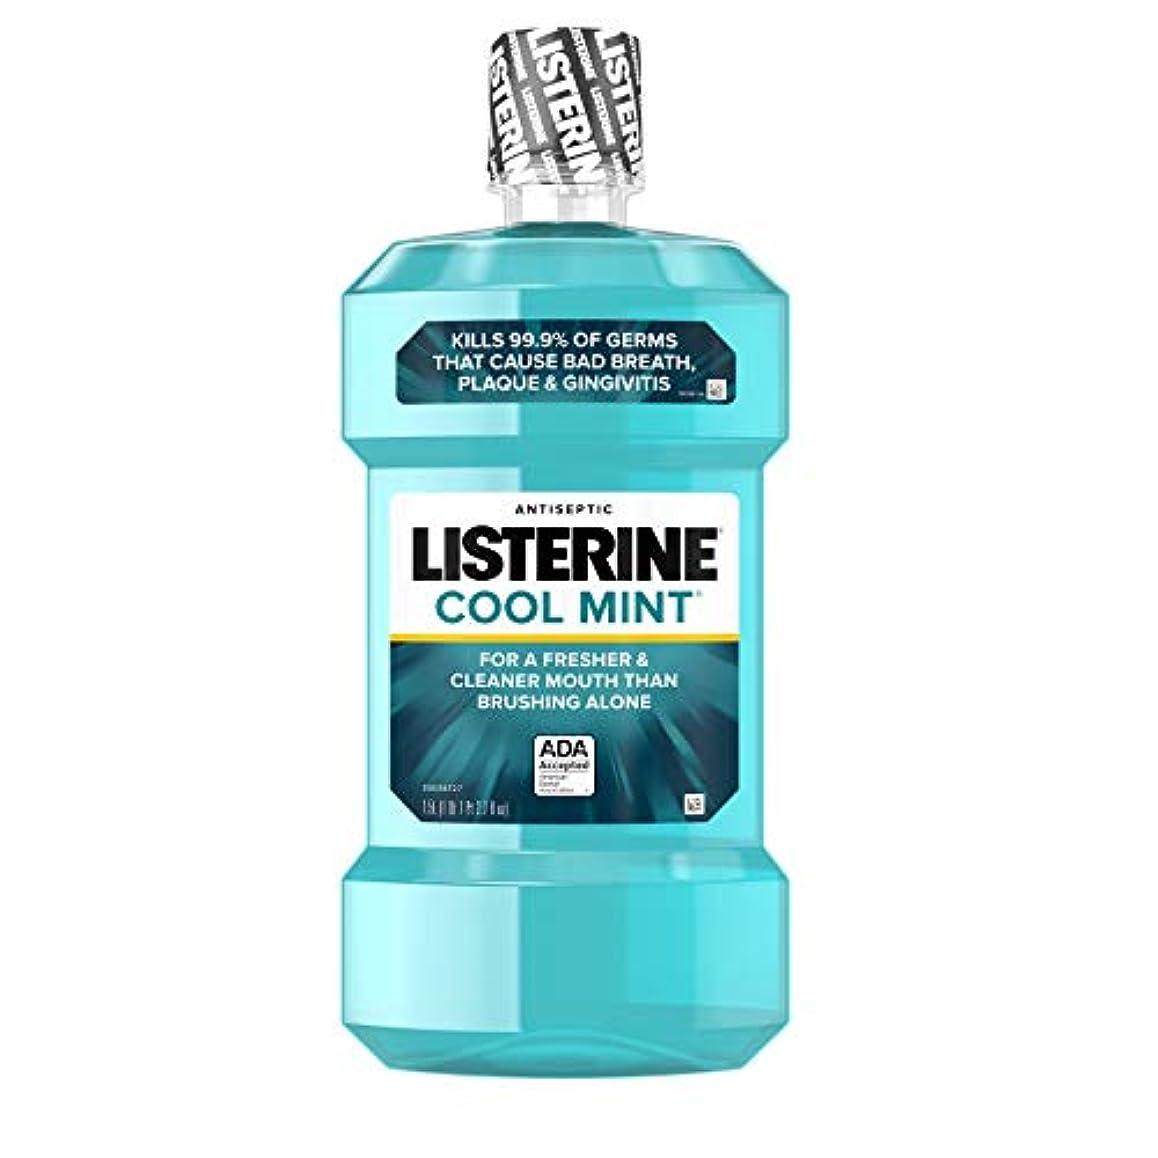 ナチュラ油ショッピングセンターListerine 口臭、歯垢および歯肉炎のためにミント消毒マウスウォッシュクール、1.5 L